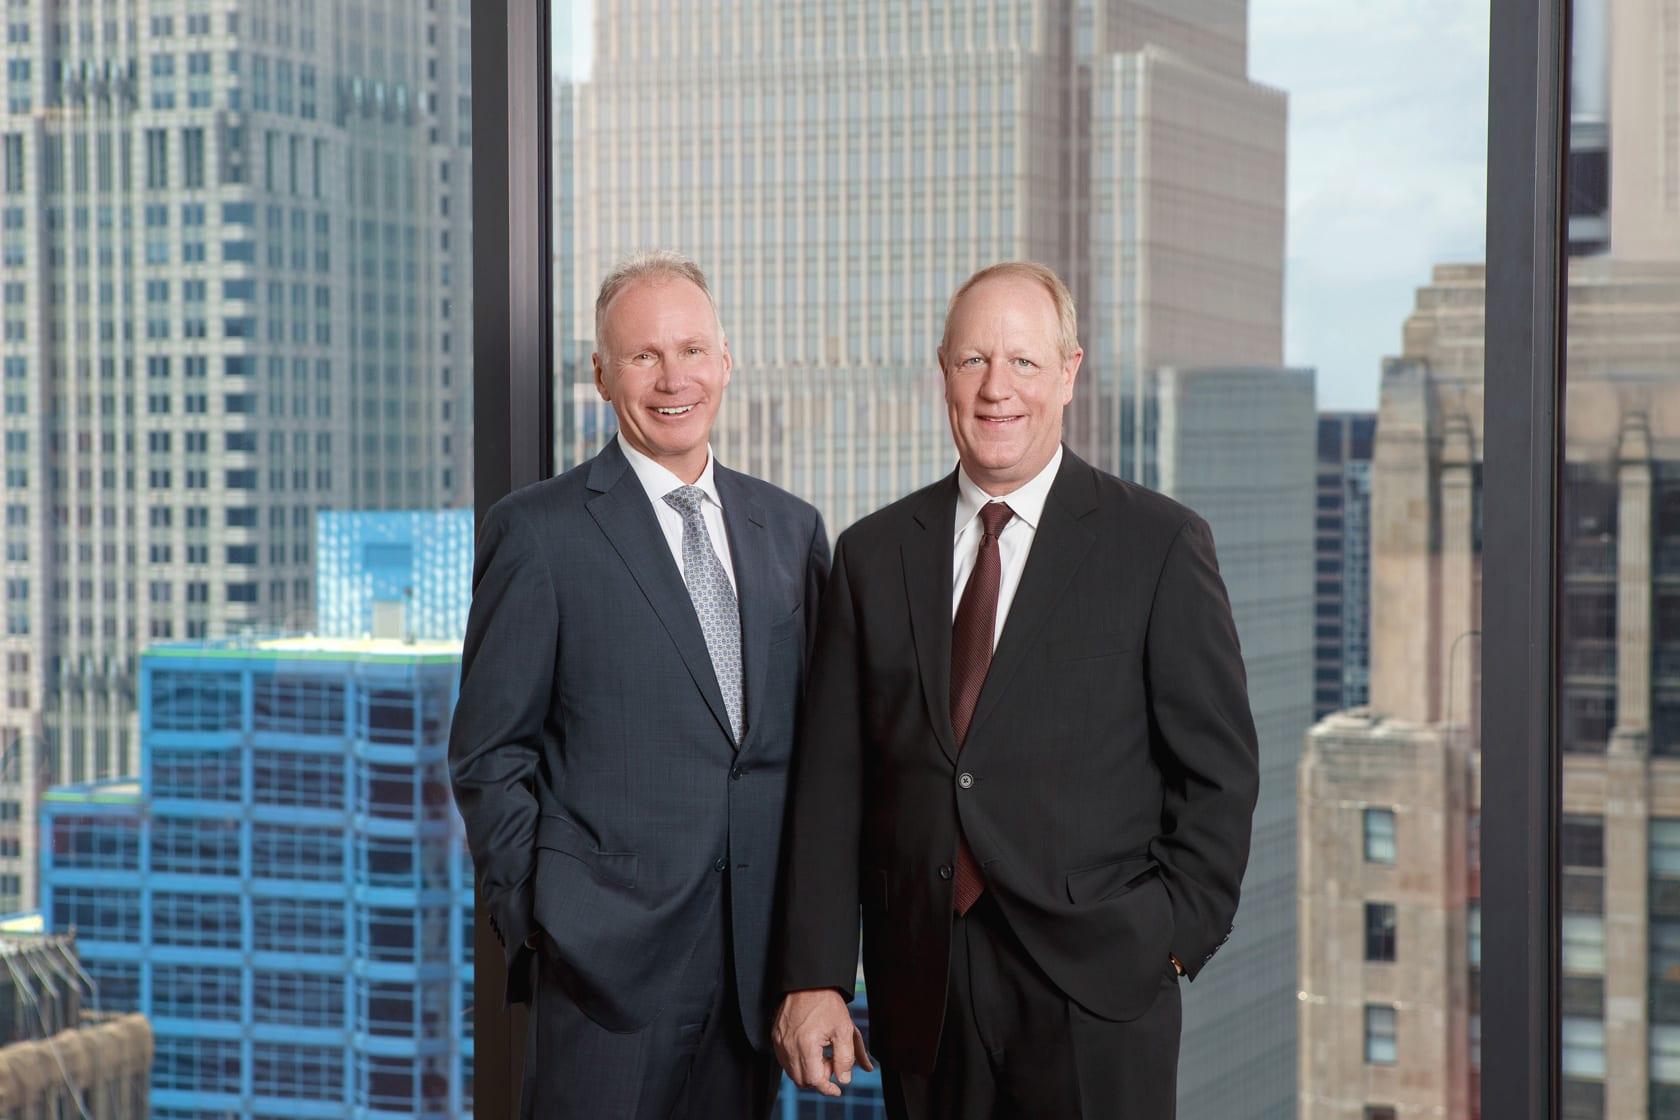 King & Jones Partners